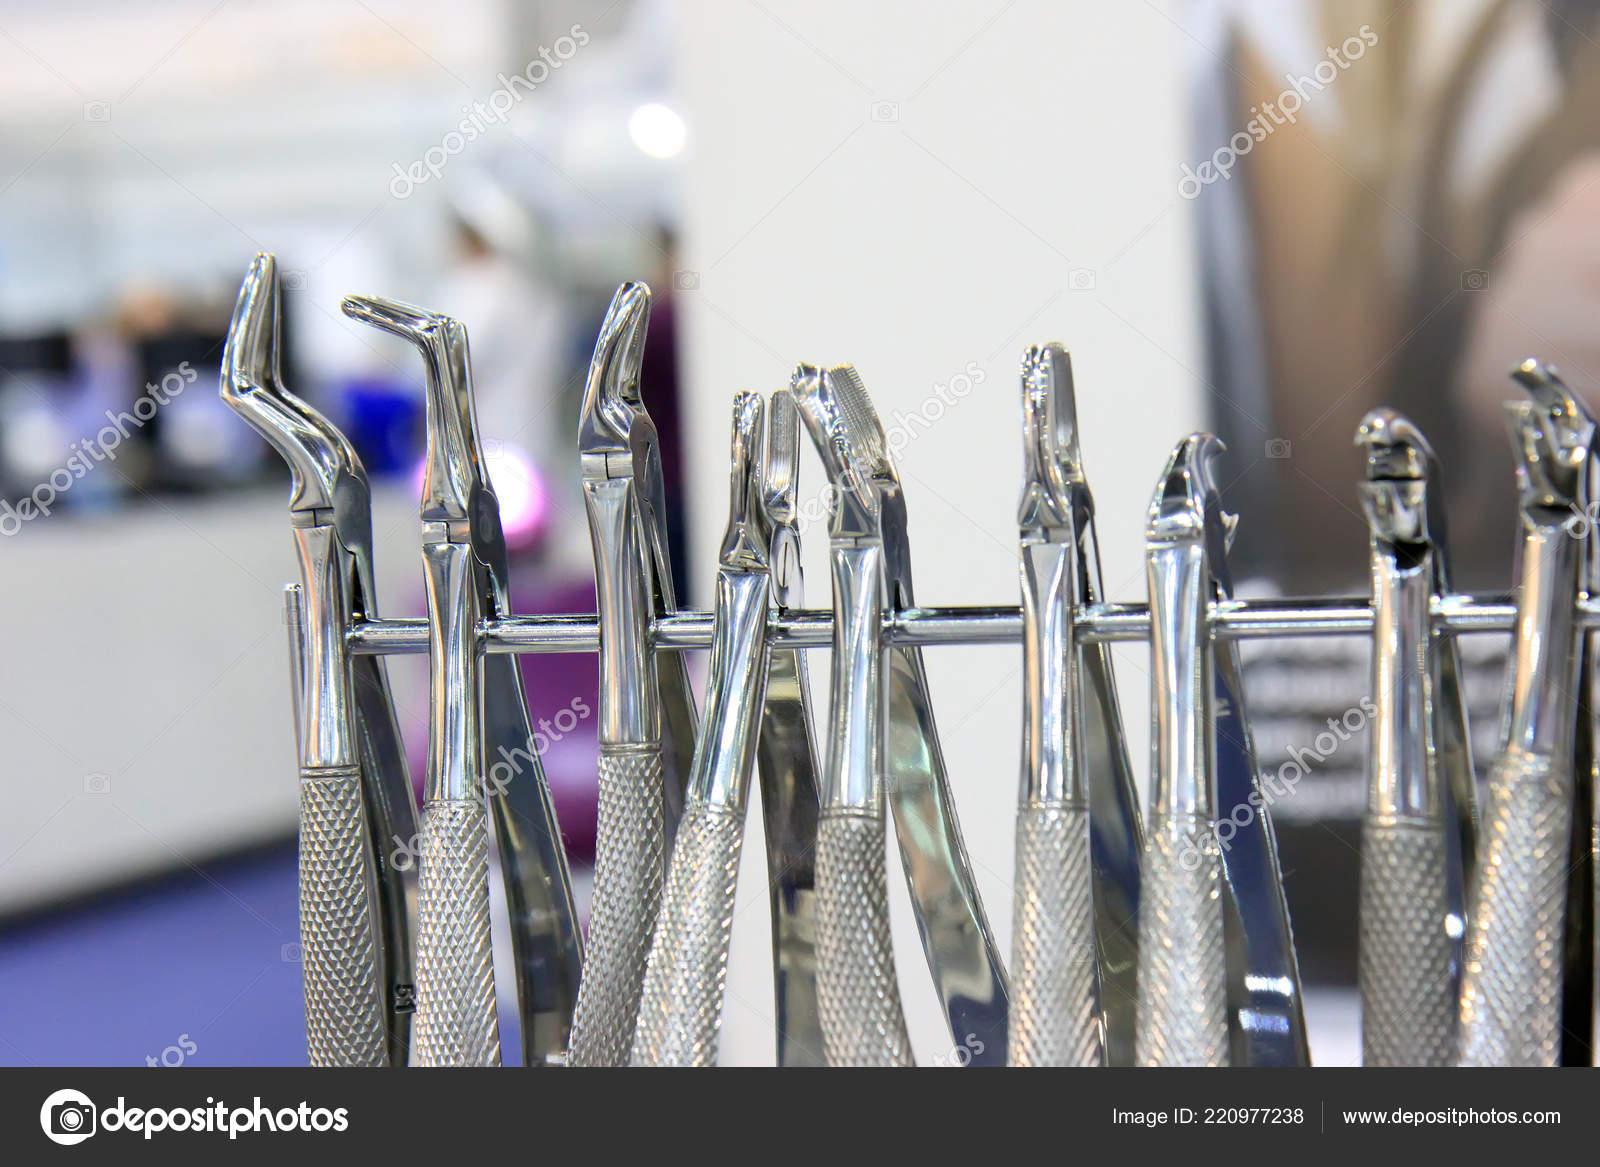 Dentists Tools Dental Tools Stainless Steel Dentist Tools